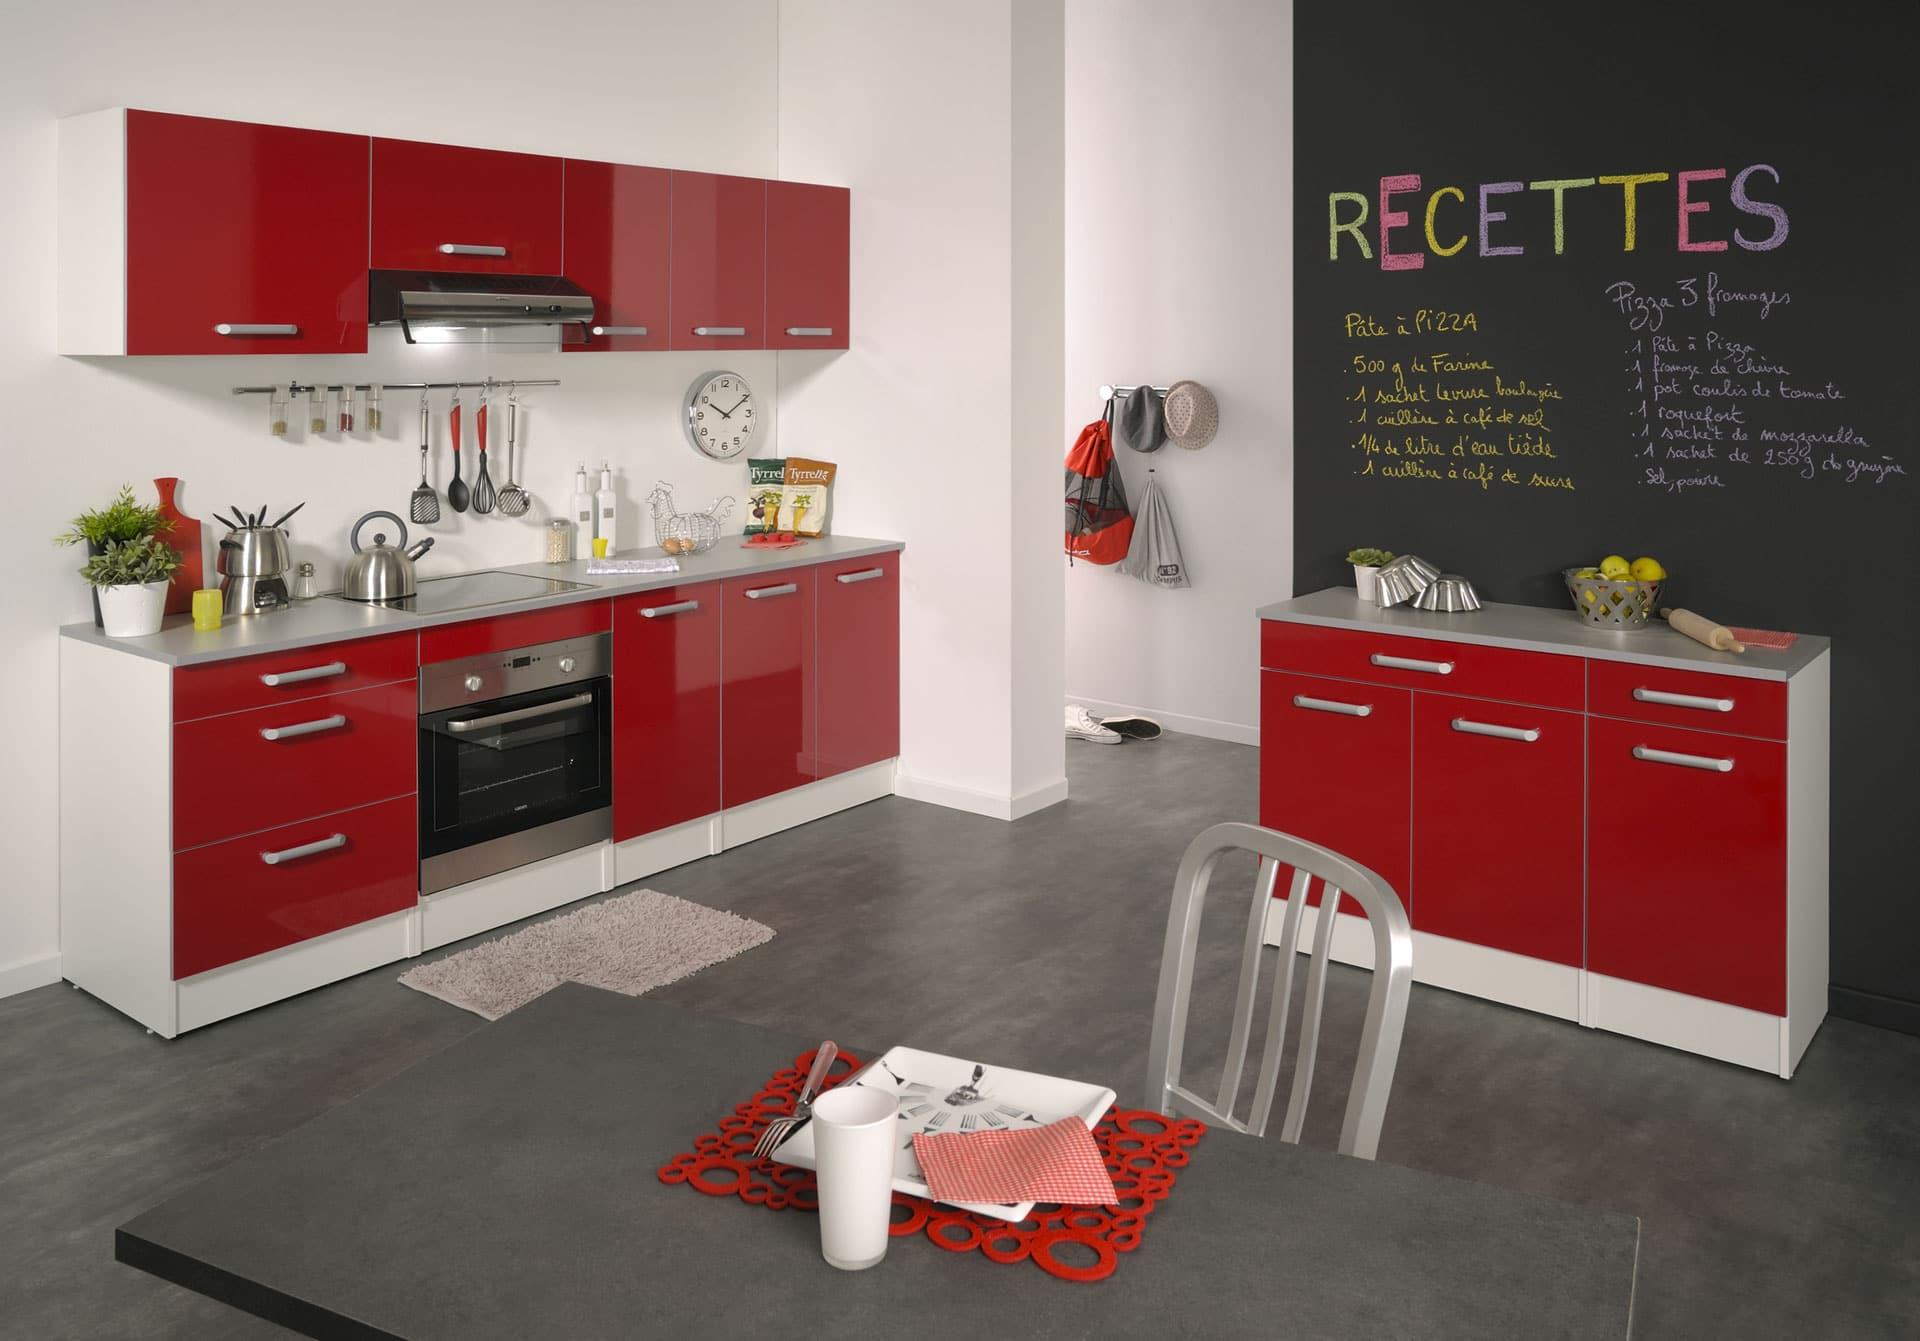 Meuble salle de bain rouge pas cher - Petite cuisine equipee pas chere ...